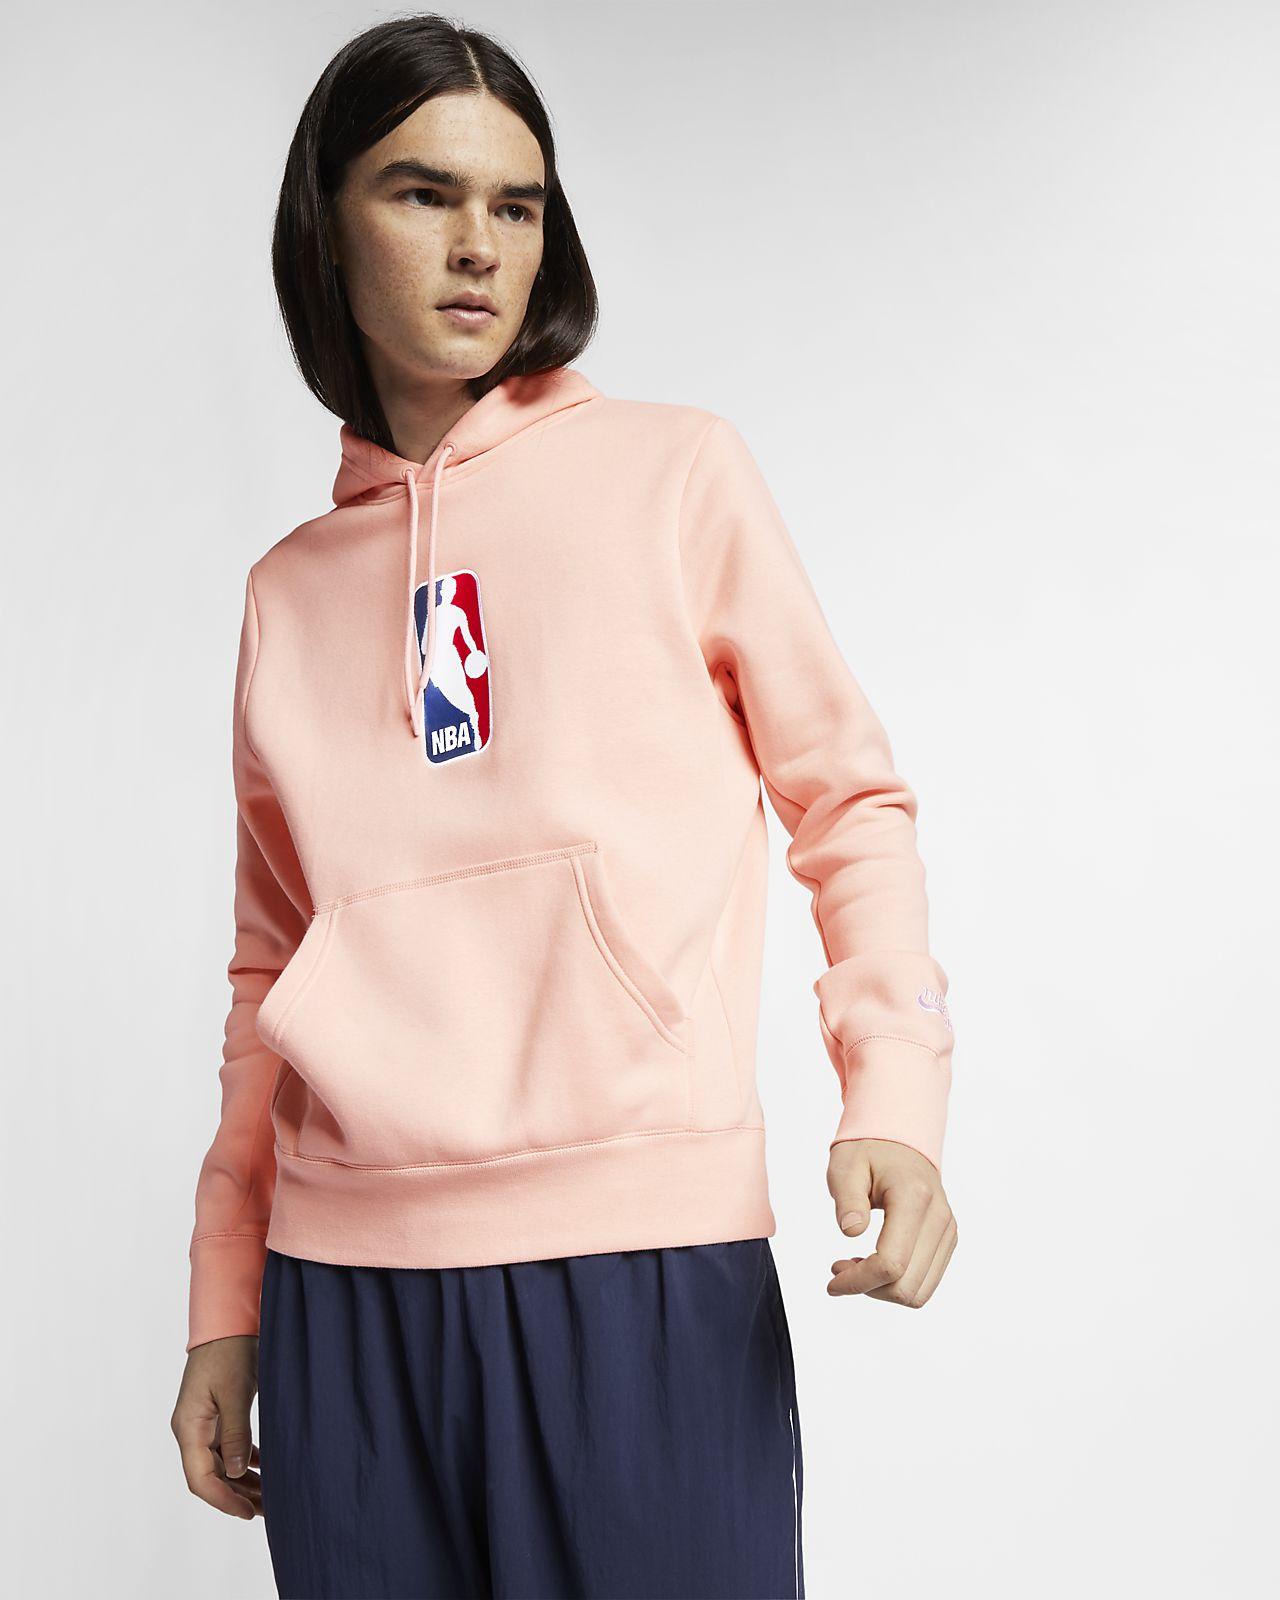 Nike SB x NBA Icon Sudadera con capucha de skateboard - Hombre